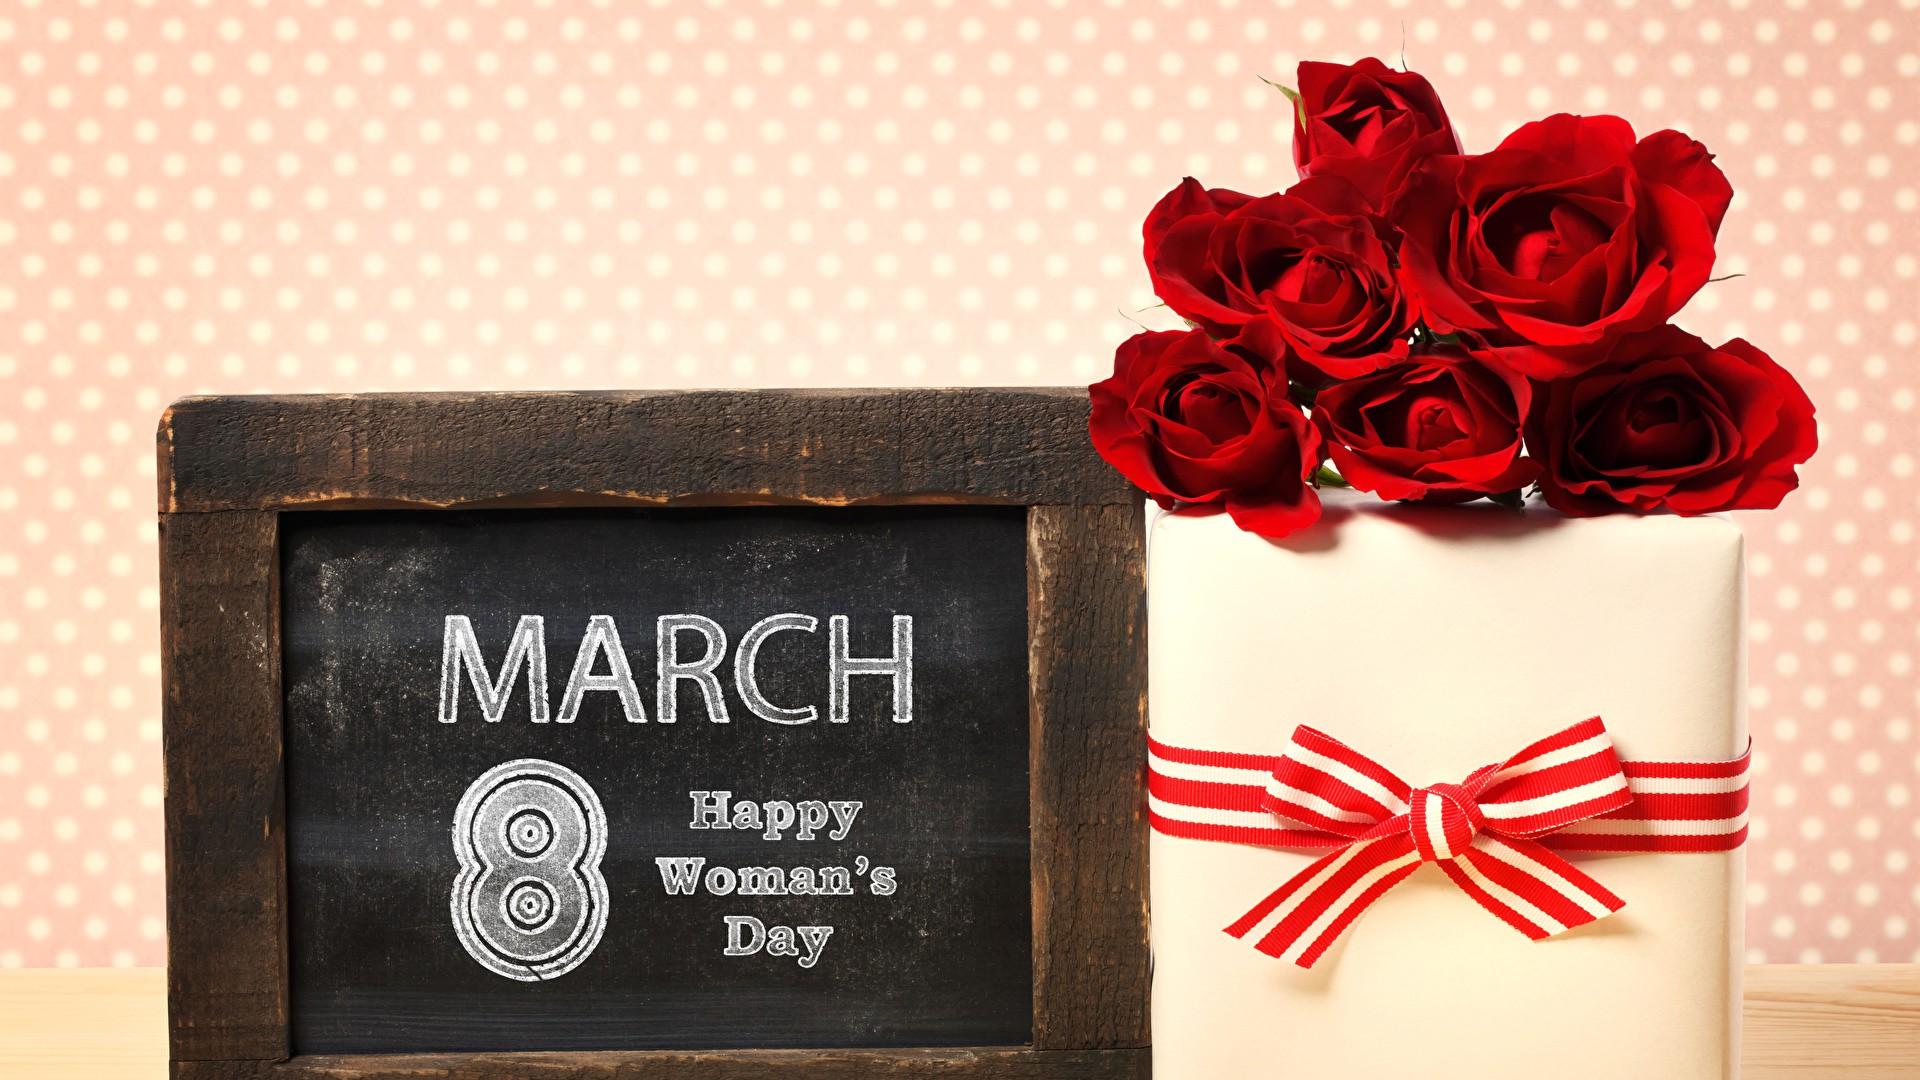 Happy Women's Day image